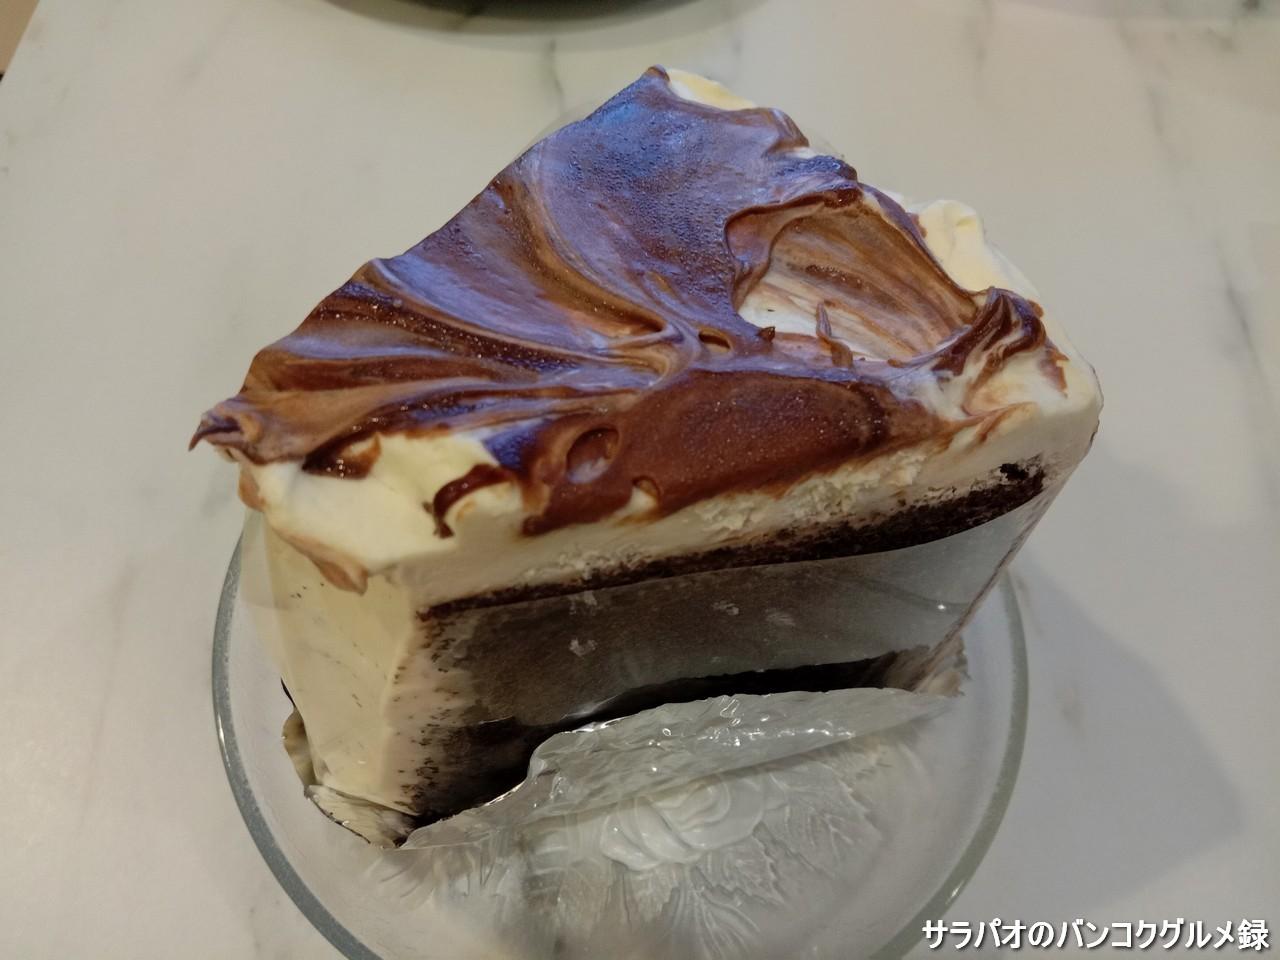 うさ右衛門は土日のみ営業している日本品質のケーキ屋 in プロンポン